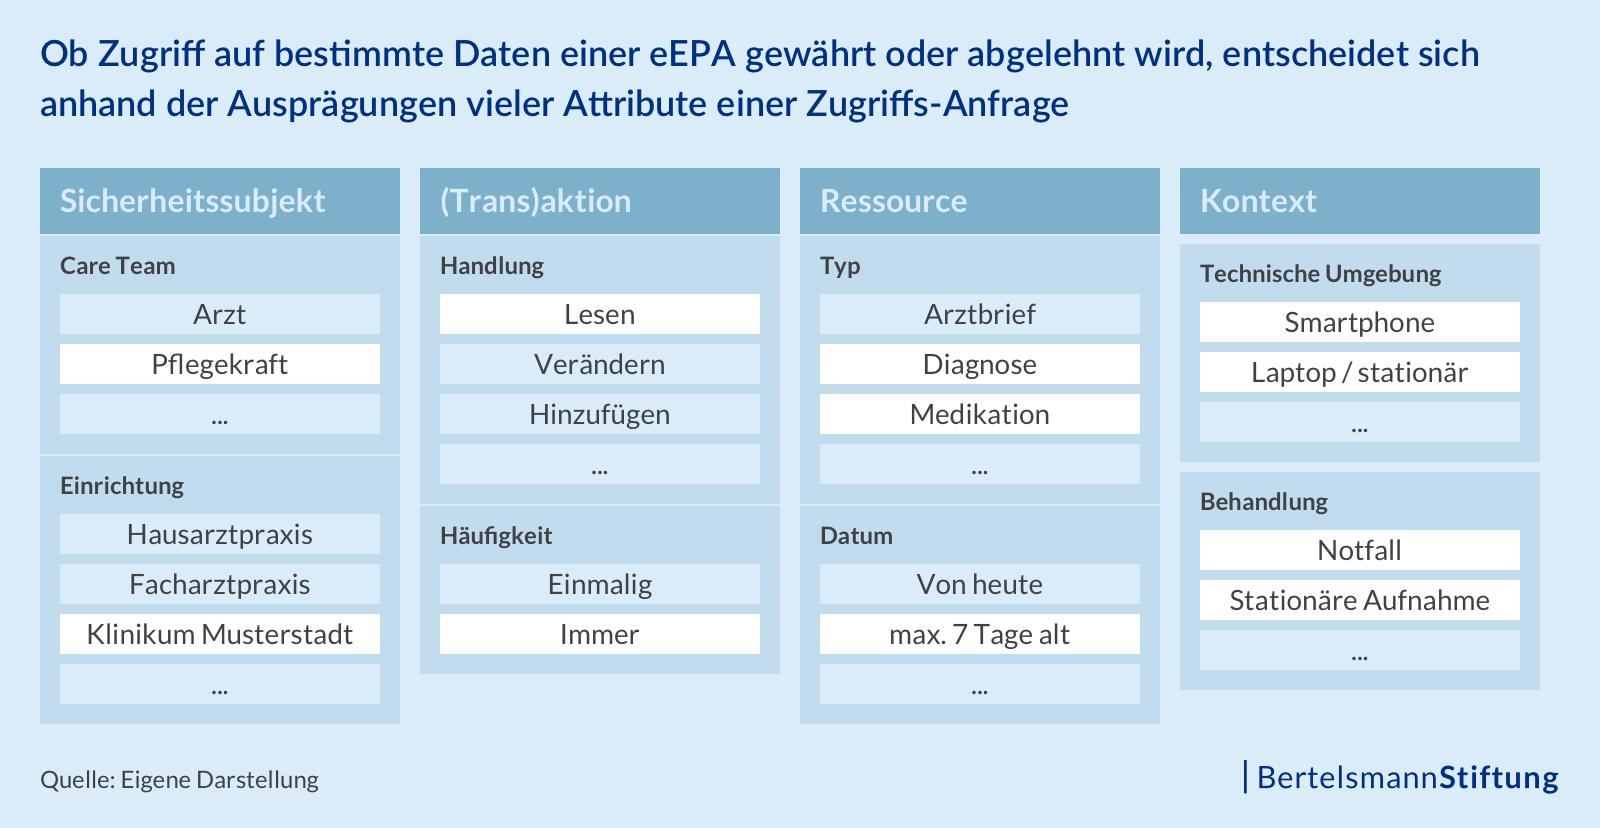 Ob Zugriff auf bestimmte Daten einer eEPA gewährt oder abgelehnt wird, entscheidet sich anhand der Ausprägungen vieler Attribute einer Zugriffs-Anfrage